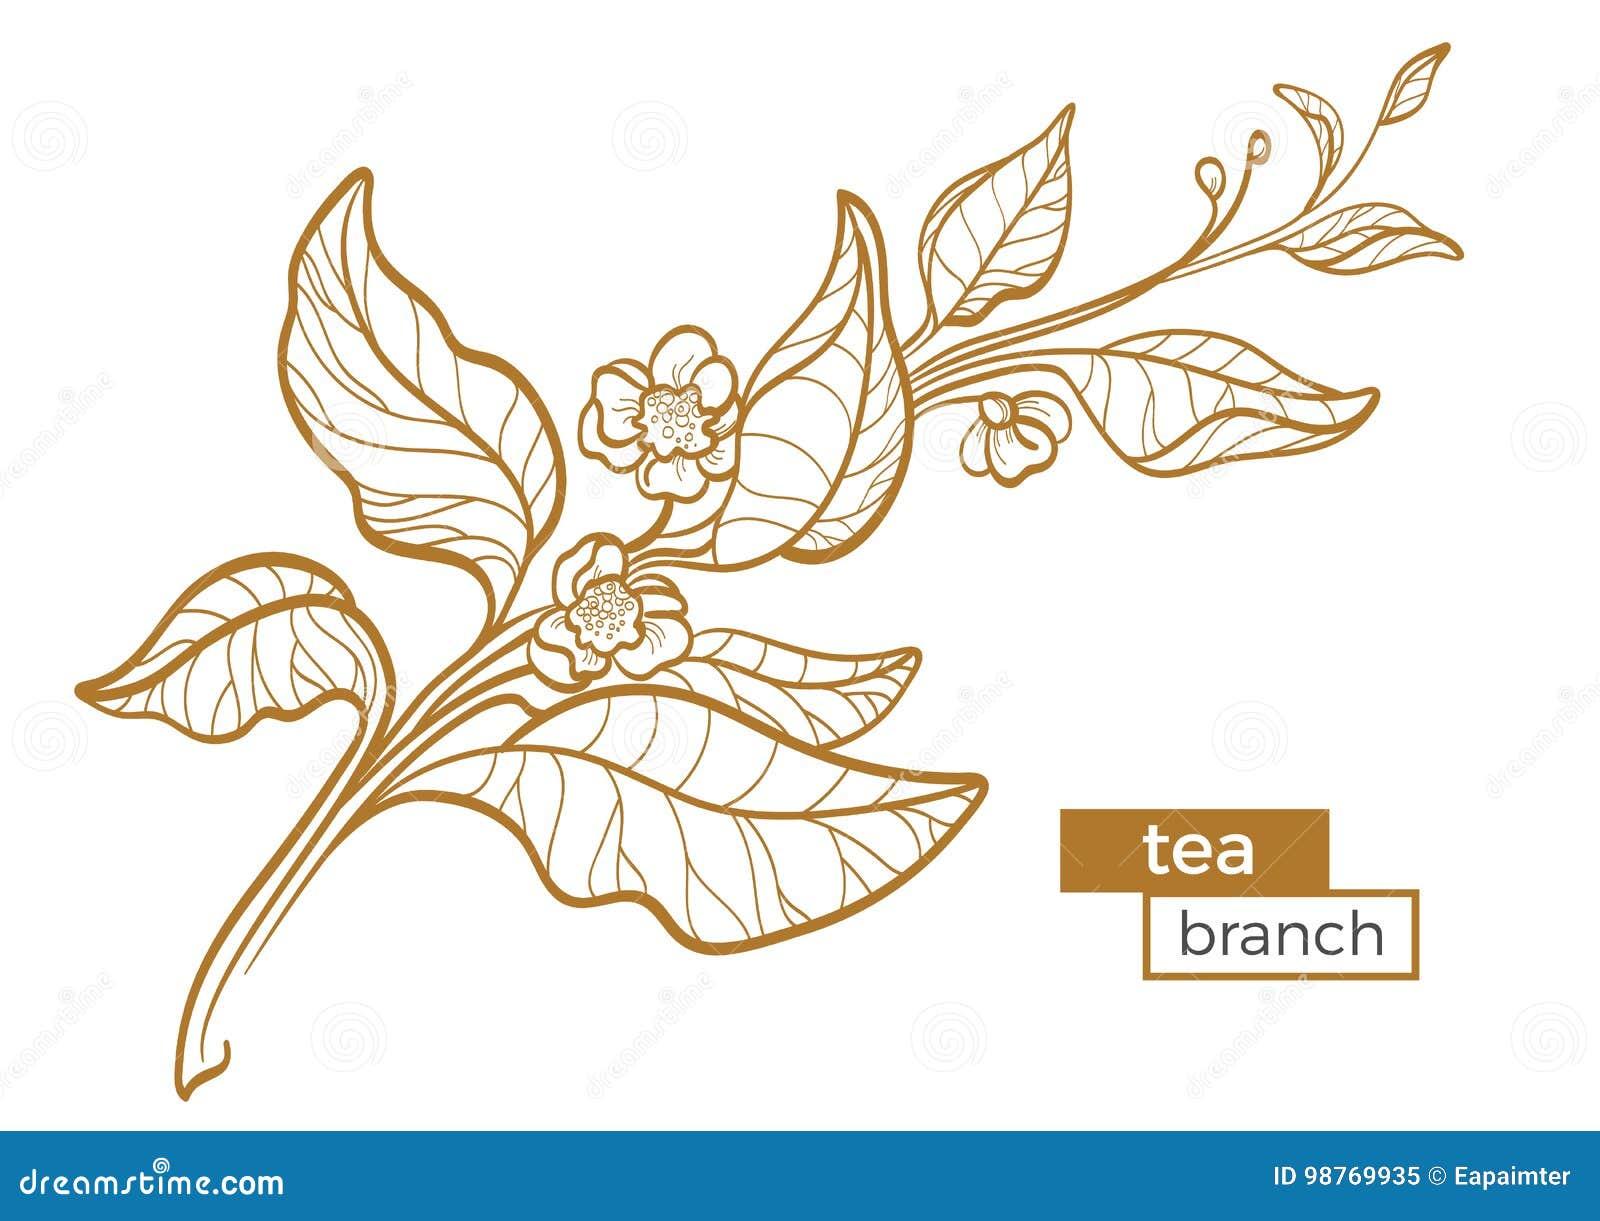 茶灌木分支与叶子和花的 植物的等高图画 有机产品 向量